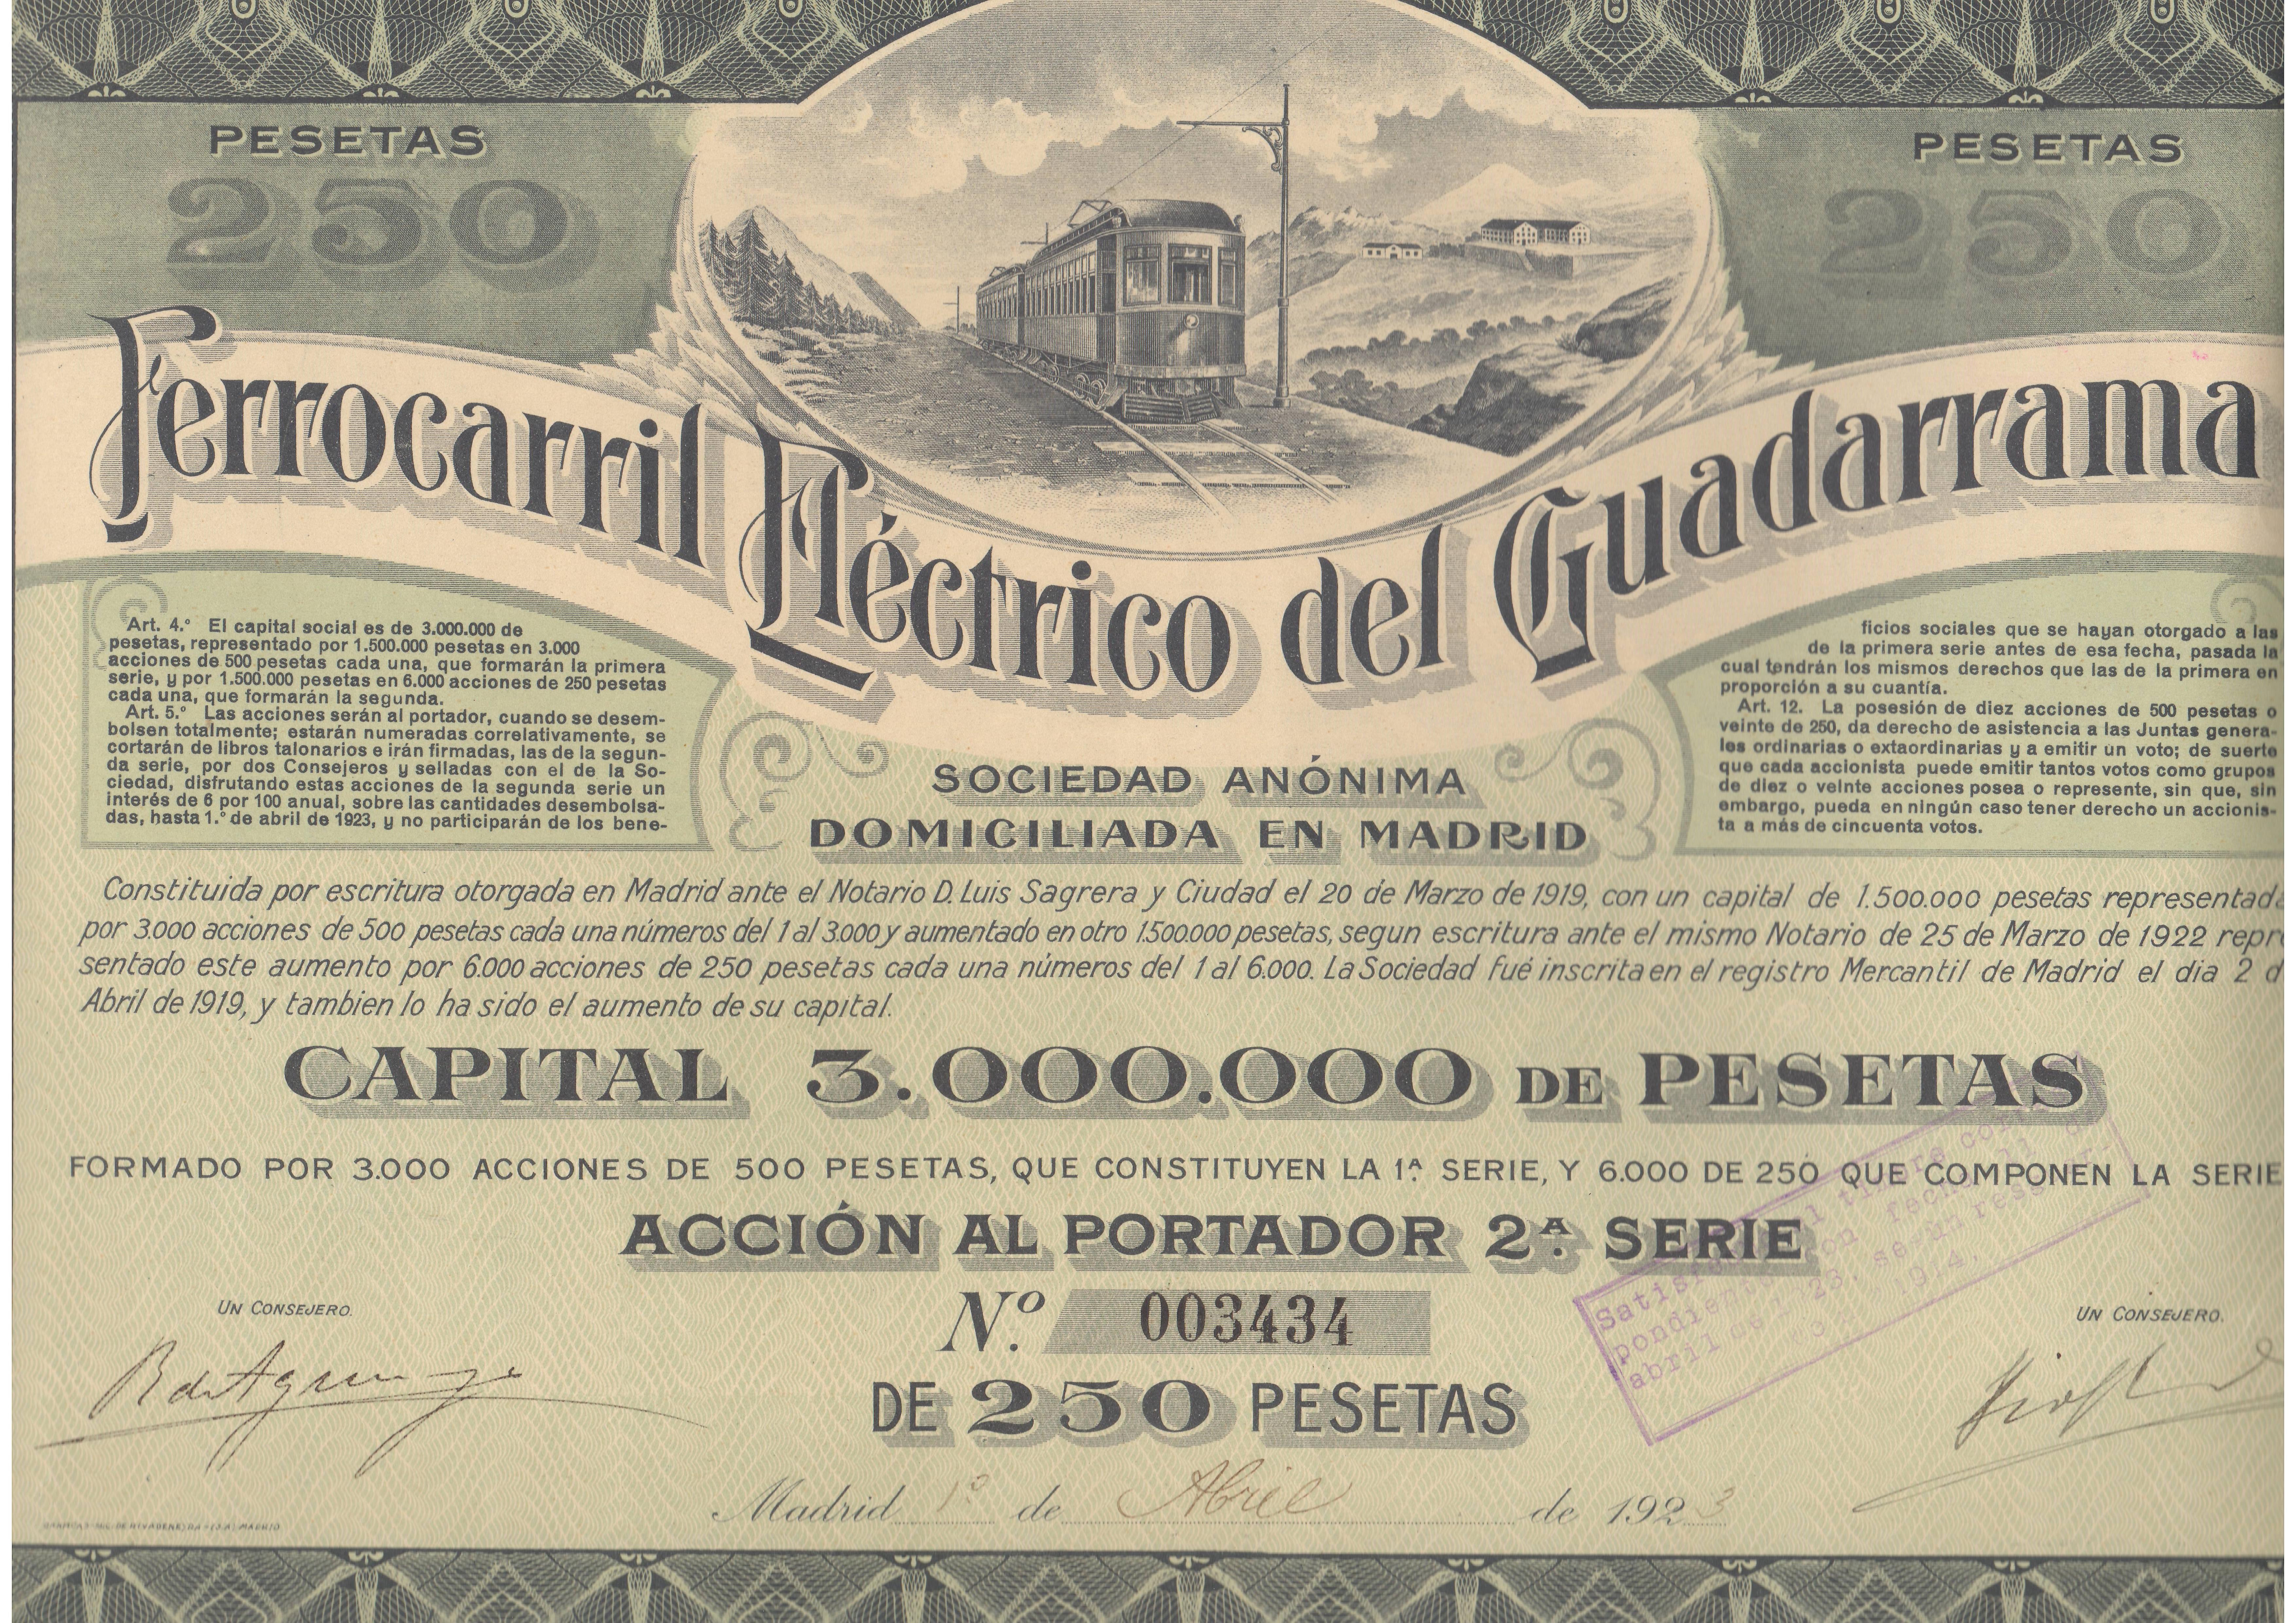 Ferrocarril eléctrico del Guadarrama